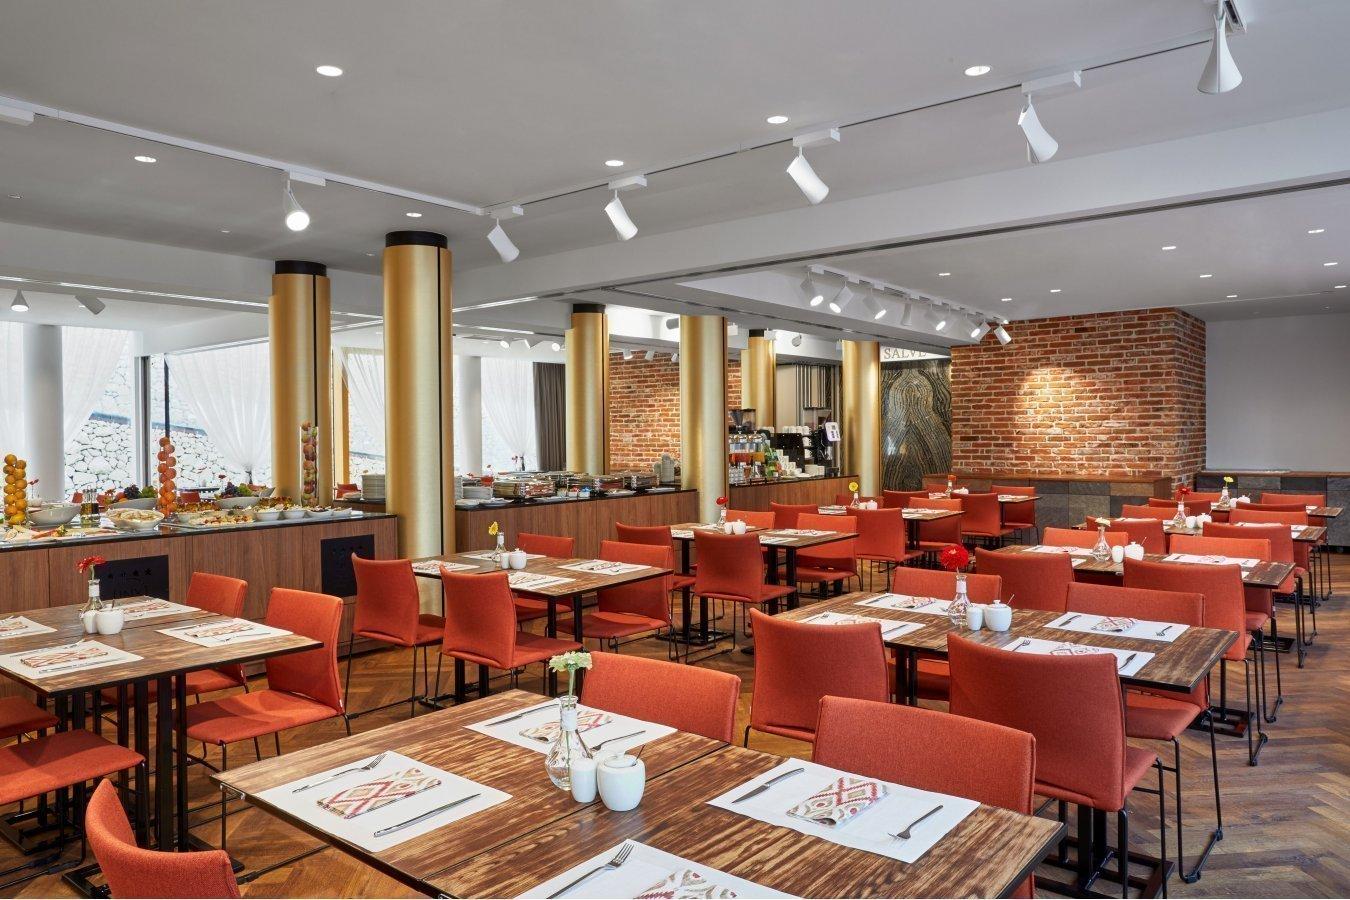 Kuchnia W Restauracji Hotelowej Inx Design Hotel W Krakowie